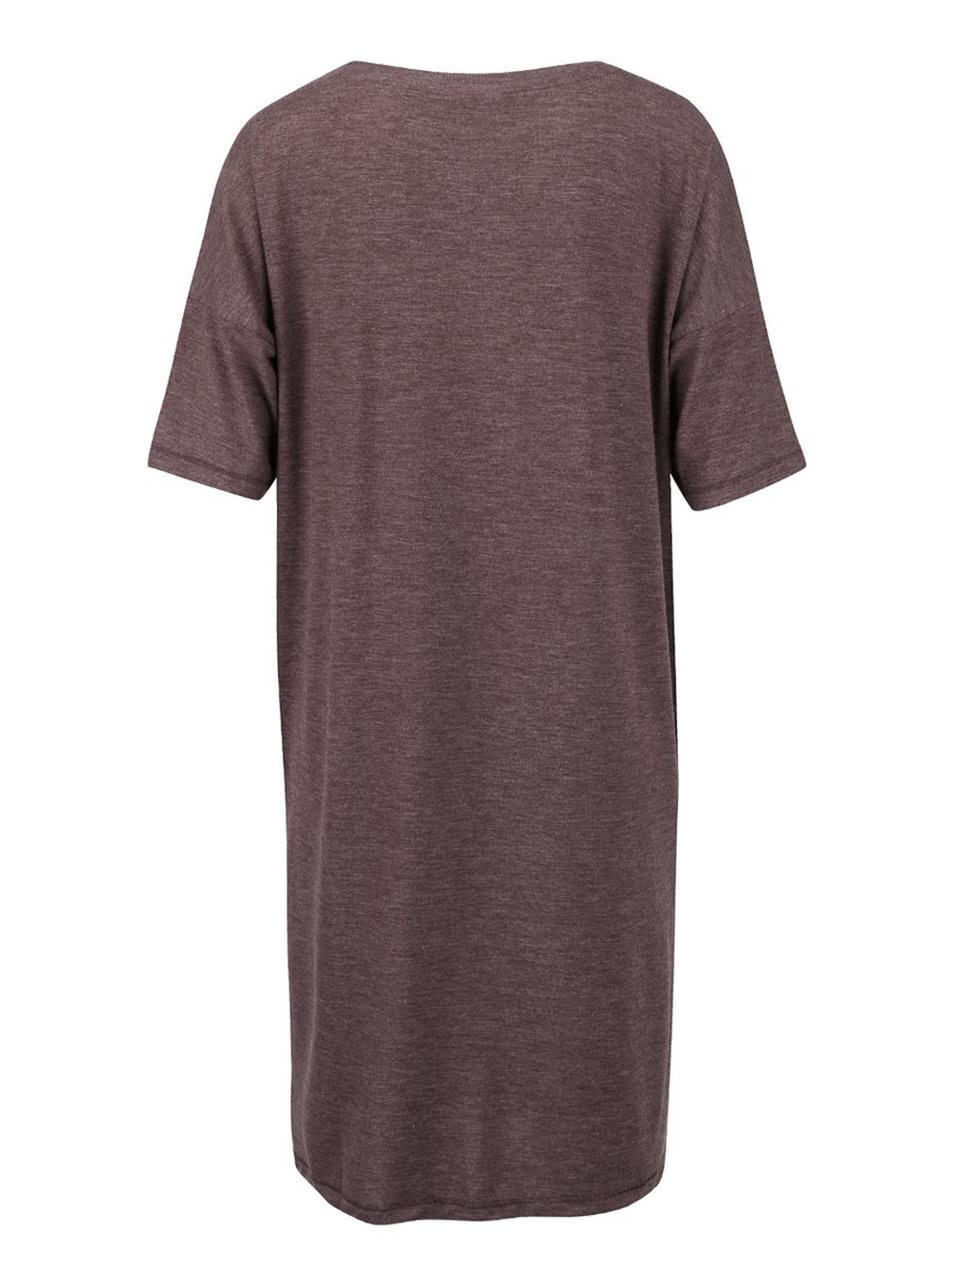 b4de08e6972 Fialové žíhané volnější dlouhé tričko s rozparkem VERO MODA Ida ...